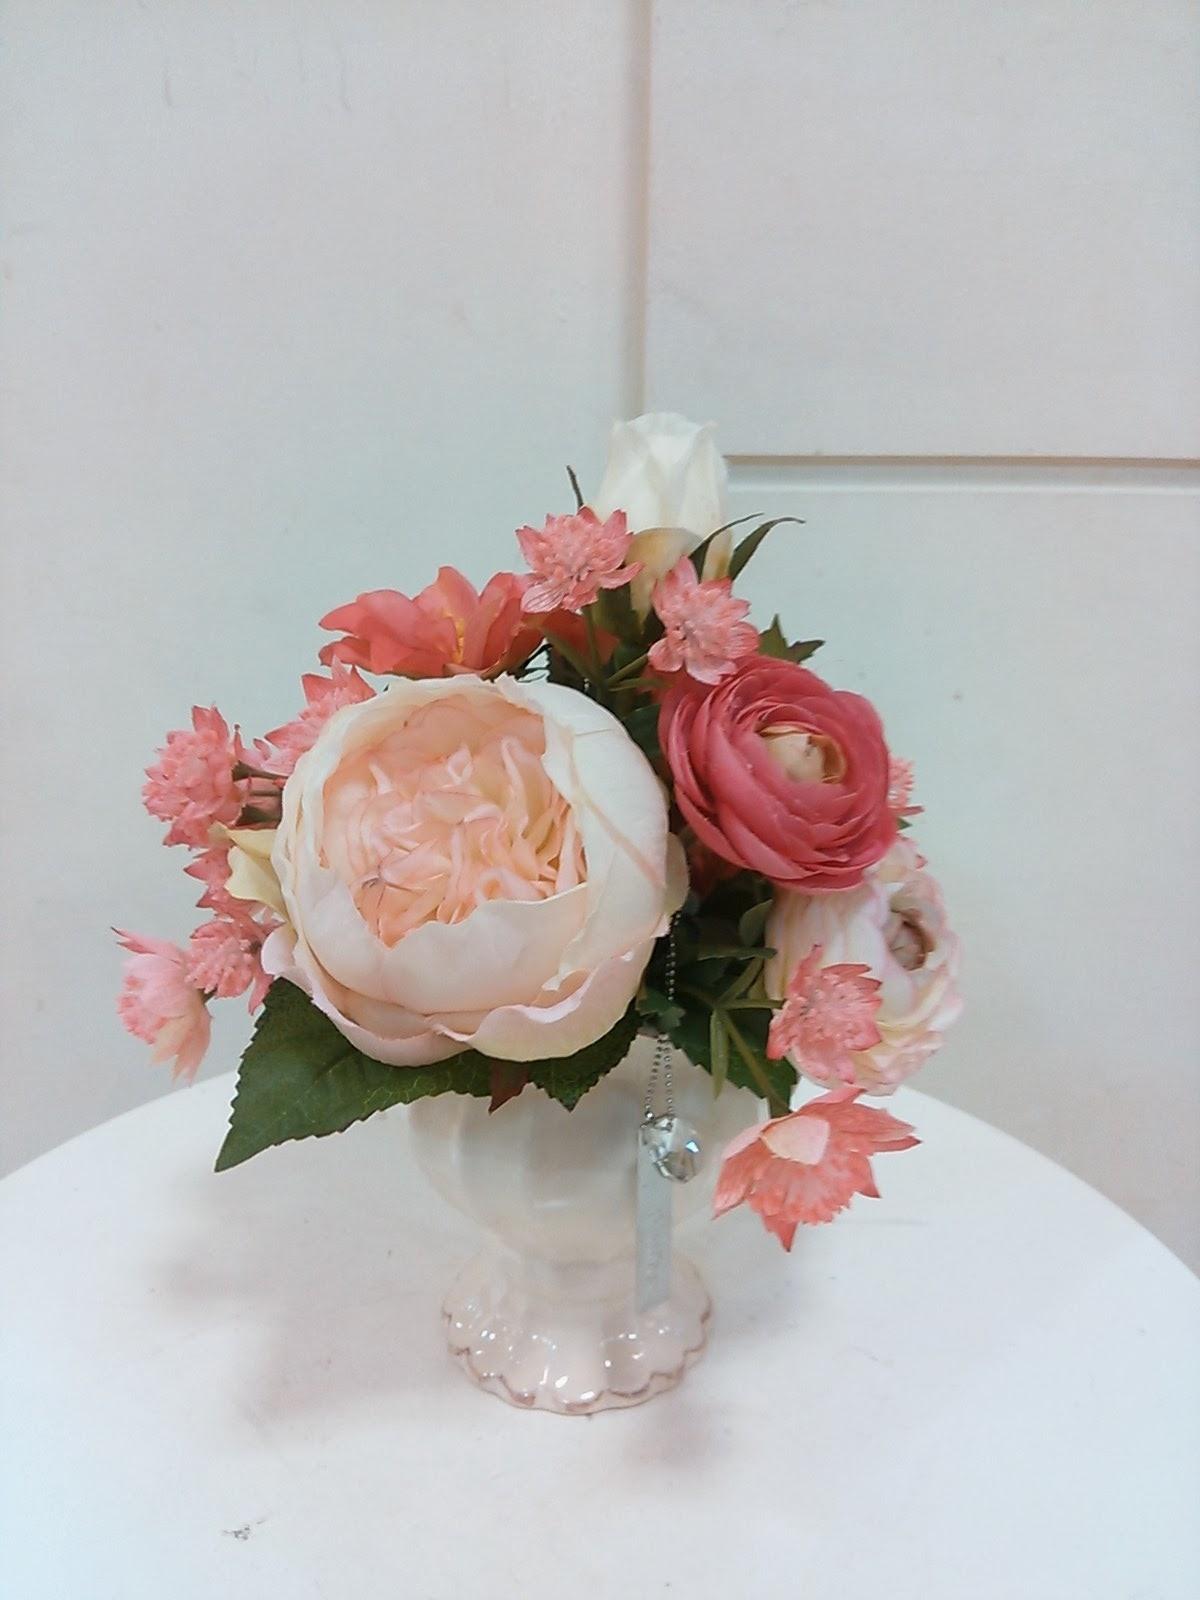 淡いピンクのローズのチャーム付きアレンジ